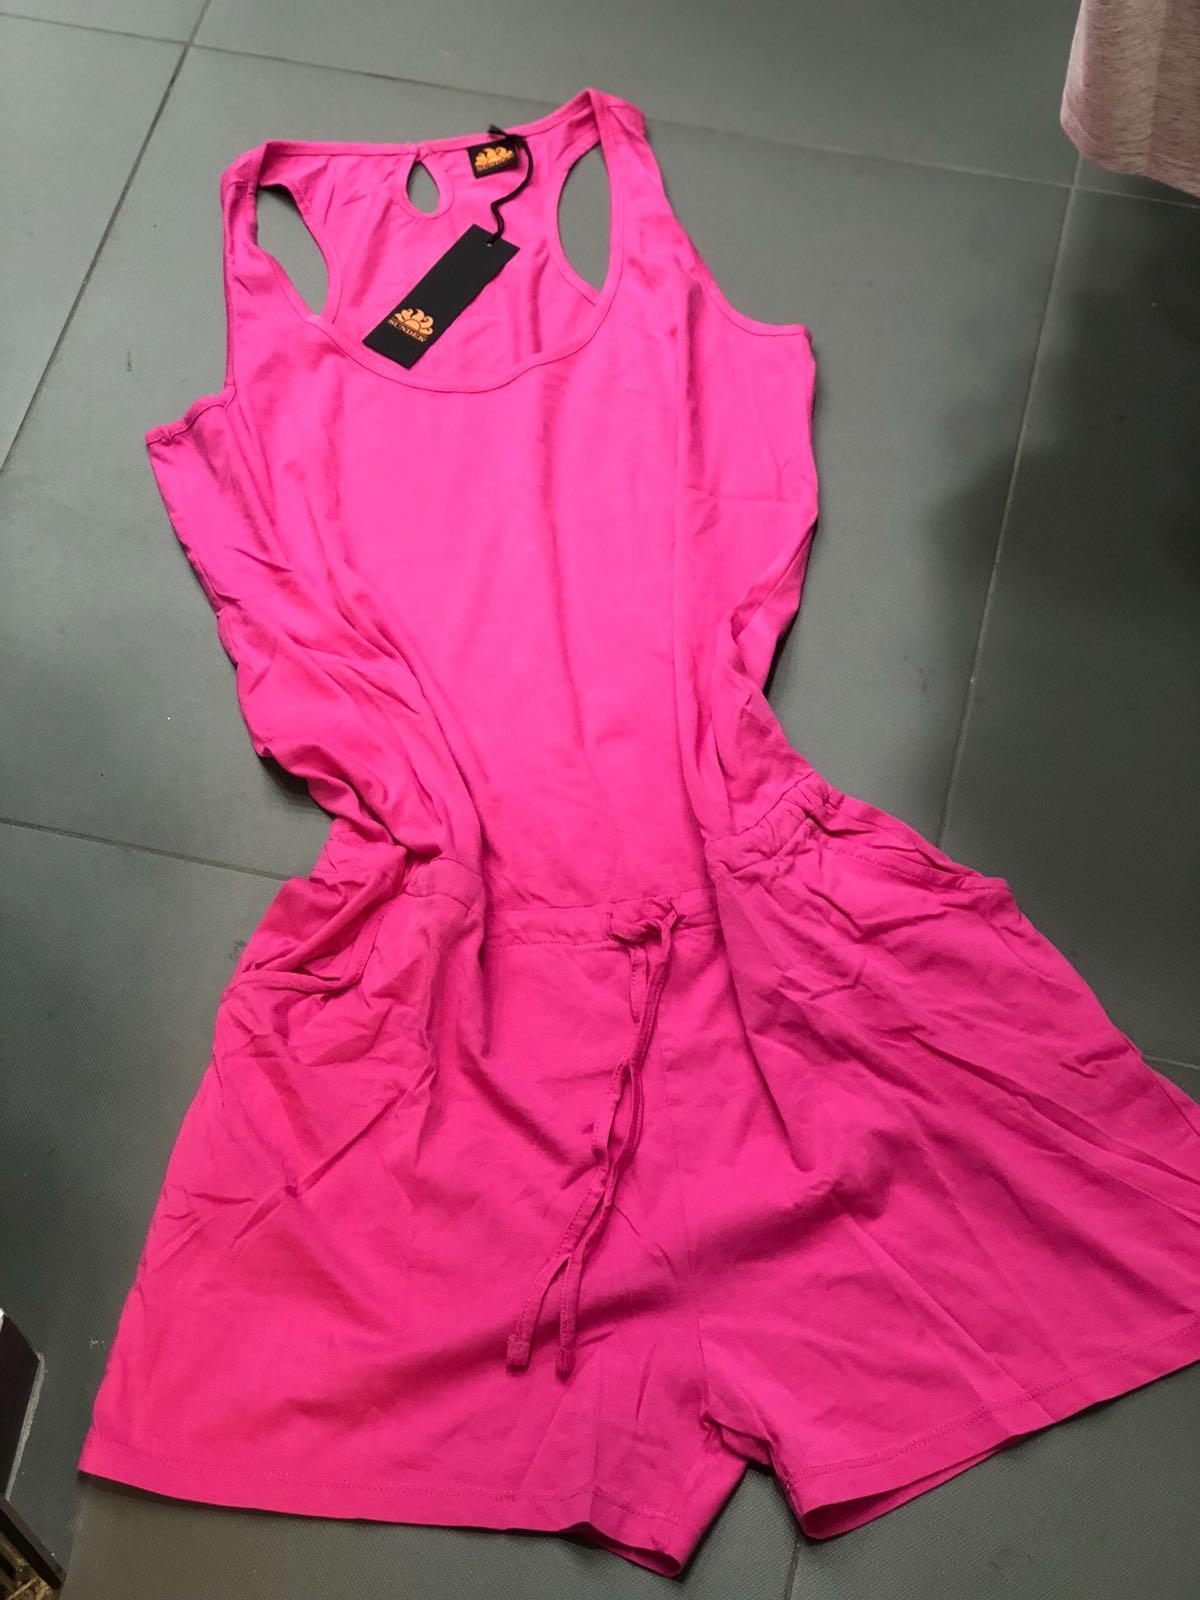 c89a66b9dec Лот 543. Женская одежда мелким оптом. — ООО